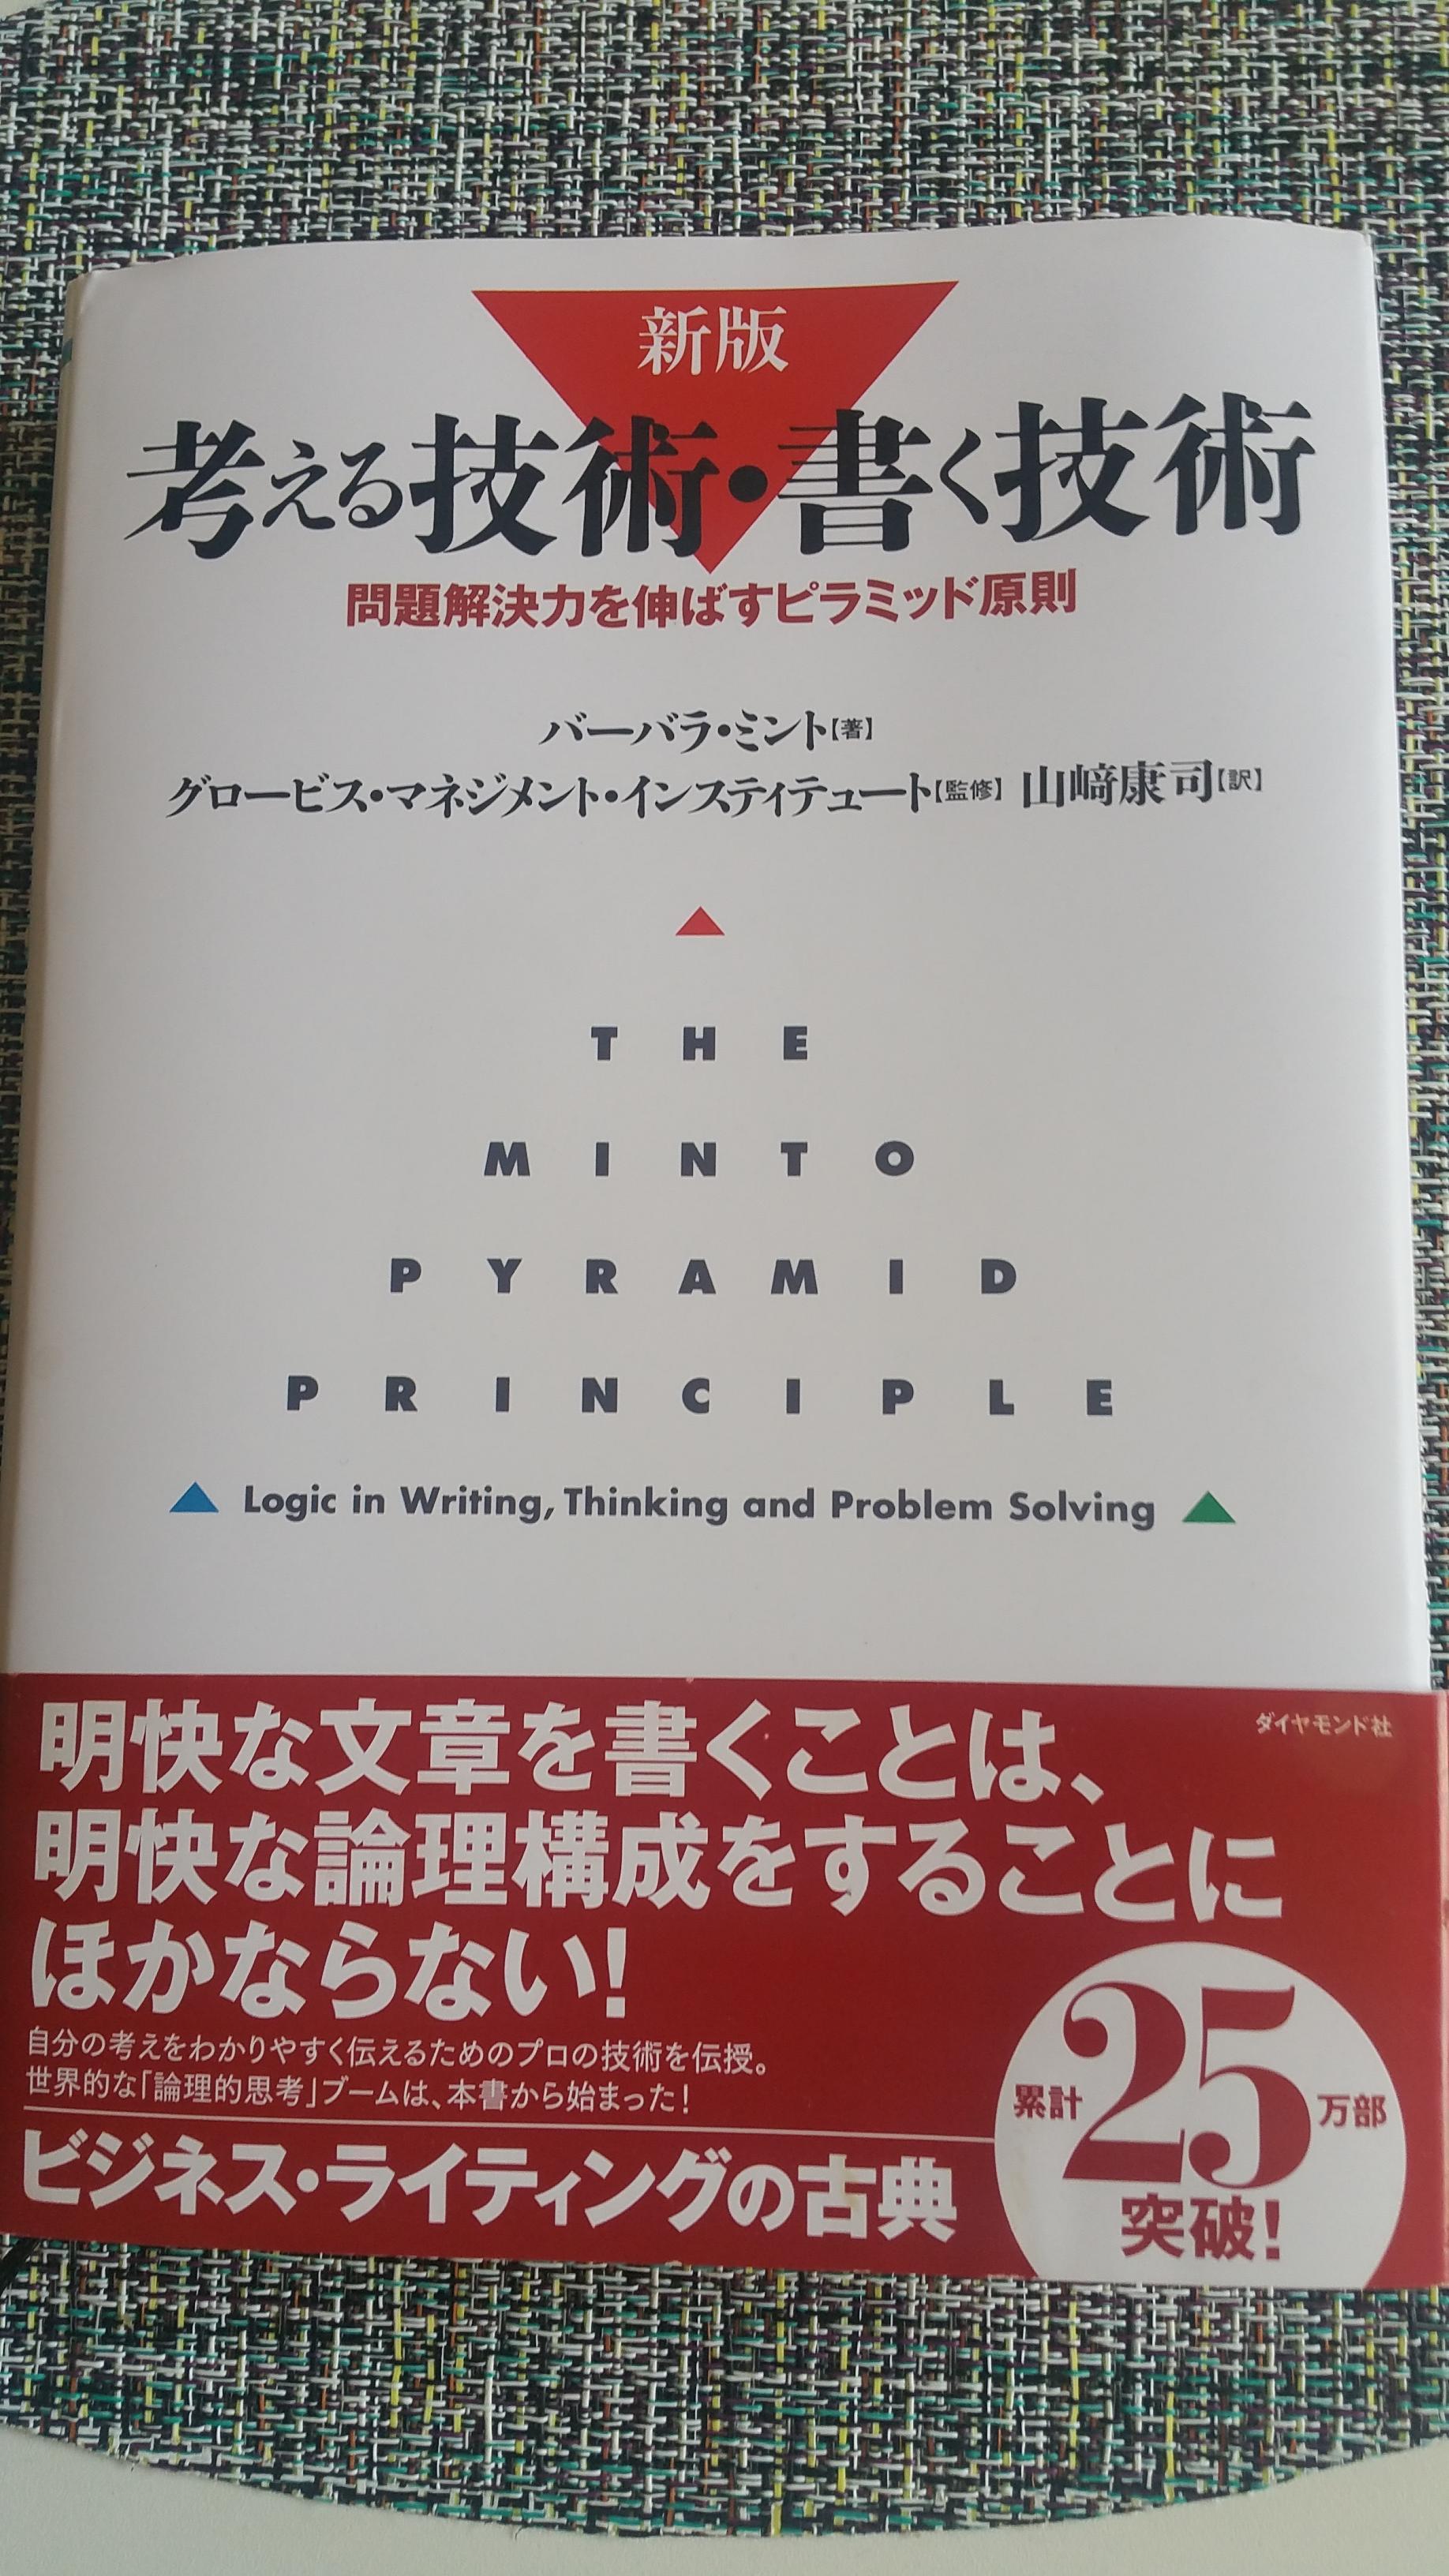 考える技術・書く技術100940.jpg